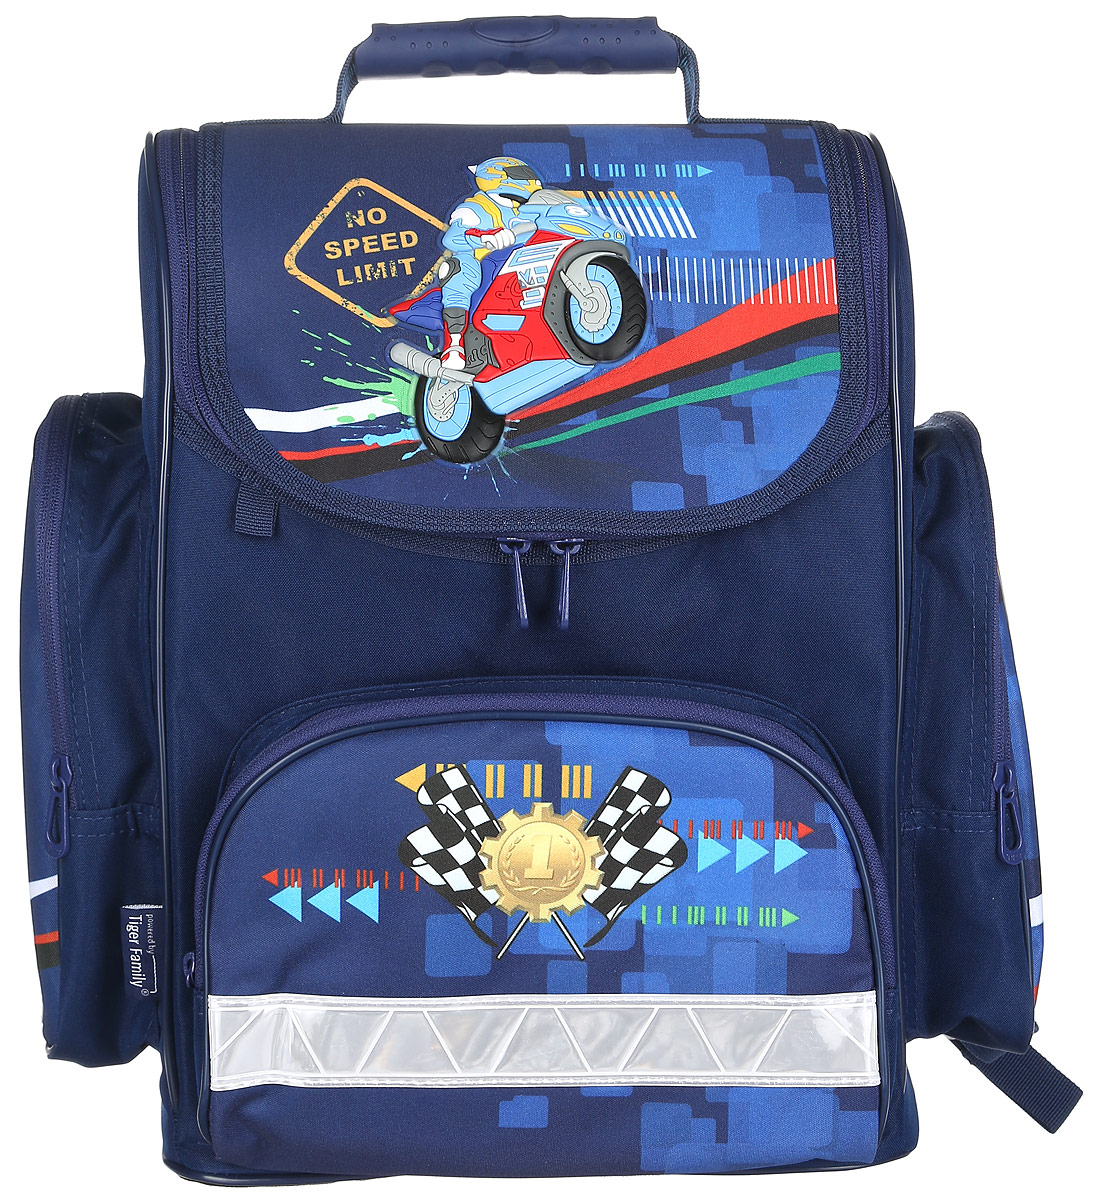 Tiger Enterprise Ранец школьный Motorbike730396Школьный ранец Tiger Enterprise Motorbike идеально подойдет для школьников.Ранец выполнен из прочного и водонепроницаемого материала. Изделие оформлено изображением в виде мотоциклиста.Содержит одно вместительное отделение, закрывающееся клапаном на застежку-молнию с двумя бегунками. Внутри отделения имеется мягкая перегородка для тетрадей или учебников. Клапан полностью откидывается, что существенно облегчает пользование ранцем. На внутренней части клапана находится прозрачный пластиковый кармашек, в который можно поместить данные о владельце ранца. Изделие имеет два боковых накладных кармана на молнии, которые отлично подойдут для бутылки с водой. Лицевая сторона ранца оснащена накладным карманом на застежке-молнии.Спинка ранца достаточно твердая. В нижней части спины расположен поясничный упор - небольшой валик, на который при правильном ношении ранца будет приходиться основная нагрузка.Ранец оснащен ручкой с пластиковой насадкой для удобной переноски в руке и петлей для подвешивания. Мягкие анатомические лямки позволяют легко и быстро отрегулировать ранец в соответствии с ростом ребенка. Дно ранца из износостойкого водонепроницаемого материала легко очищается от загрязнений.Светоотражающие элементы обеспечивают дополнительную безопасность в темное время суток.Многофункциональный школьный ранец станет незаменимым спутником вашего ребенка в походах за знаниями.